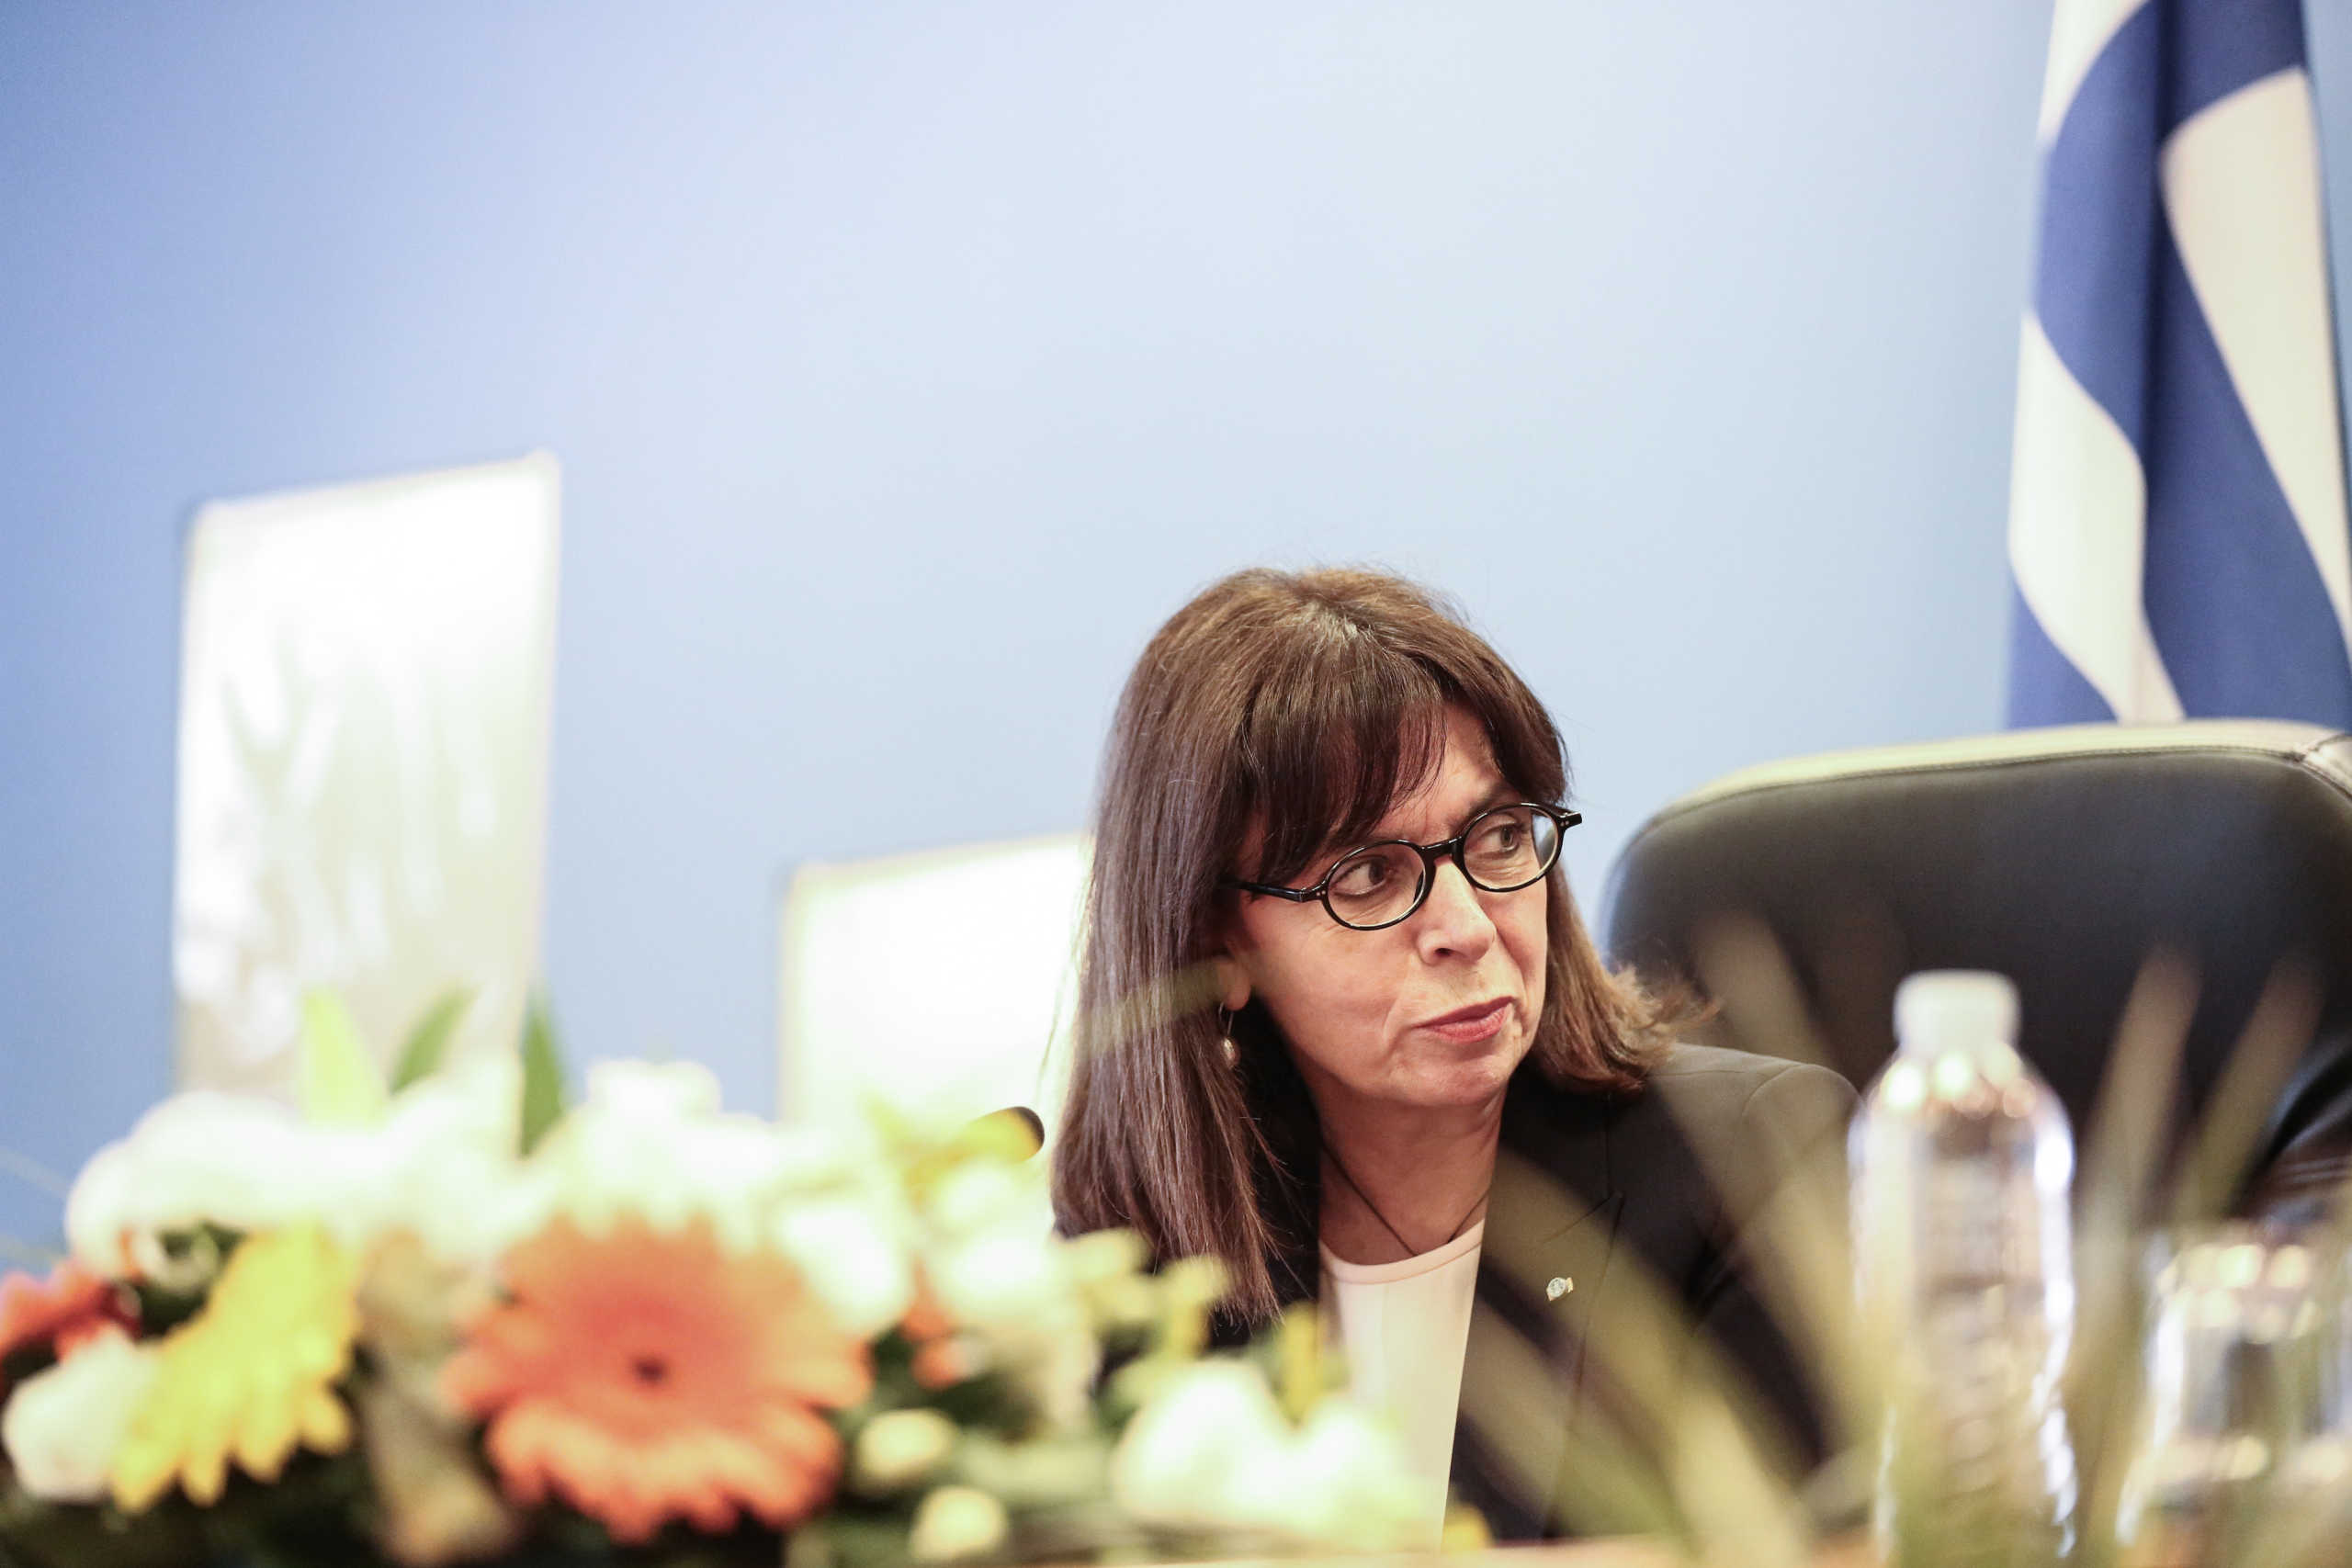 Σακελλαροπούλου στο Οικονομικό Φόρουμ Δελφών: «Η Ελλάδα κέρδισε τον σεβασμό της διεθνούς κοινής γνώμης»